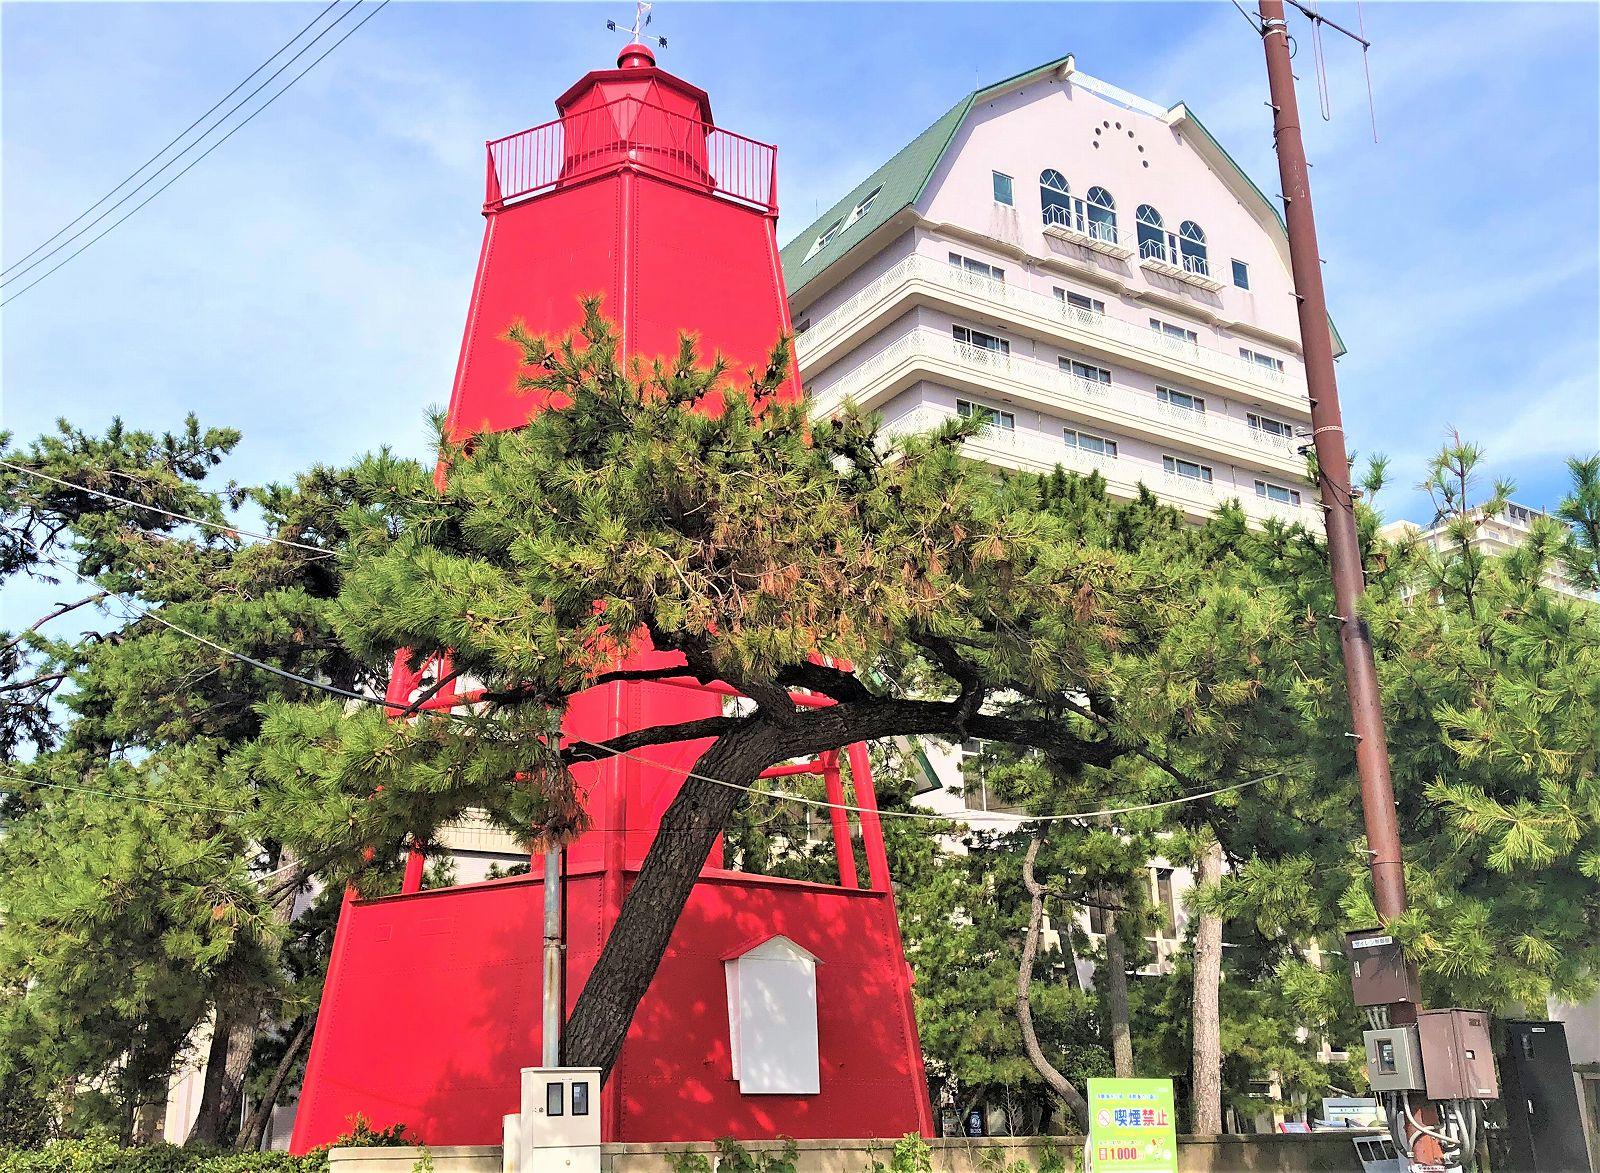 現存する日本最古の鉄造灯台!須磨の「旧和田岬灯台」を見に行ってきた! #旧和田岬灯台 #近代建築 #須磨の赤灯台 #須磨区 #登録有形文化財